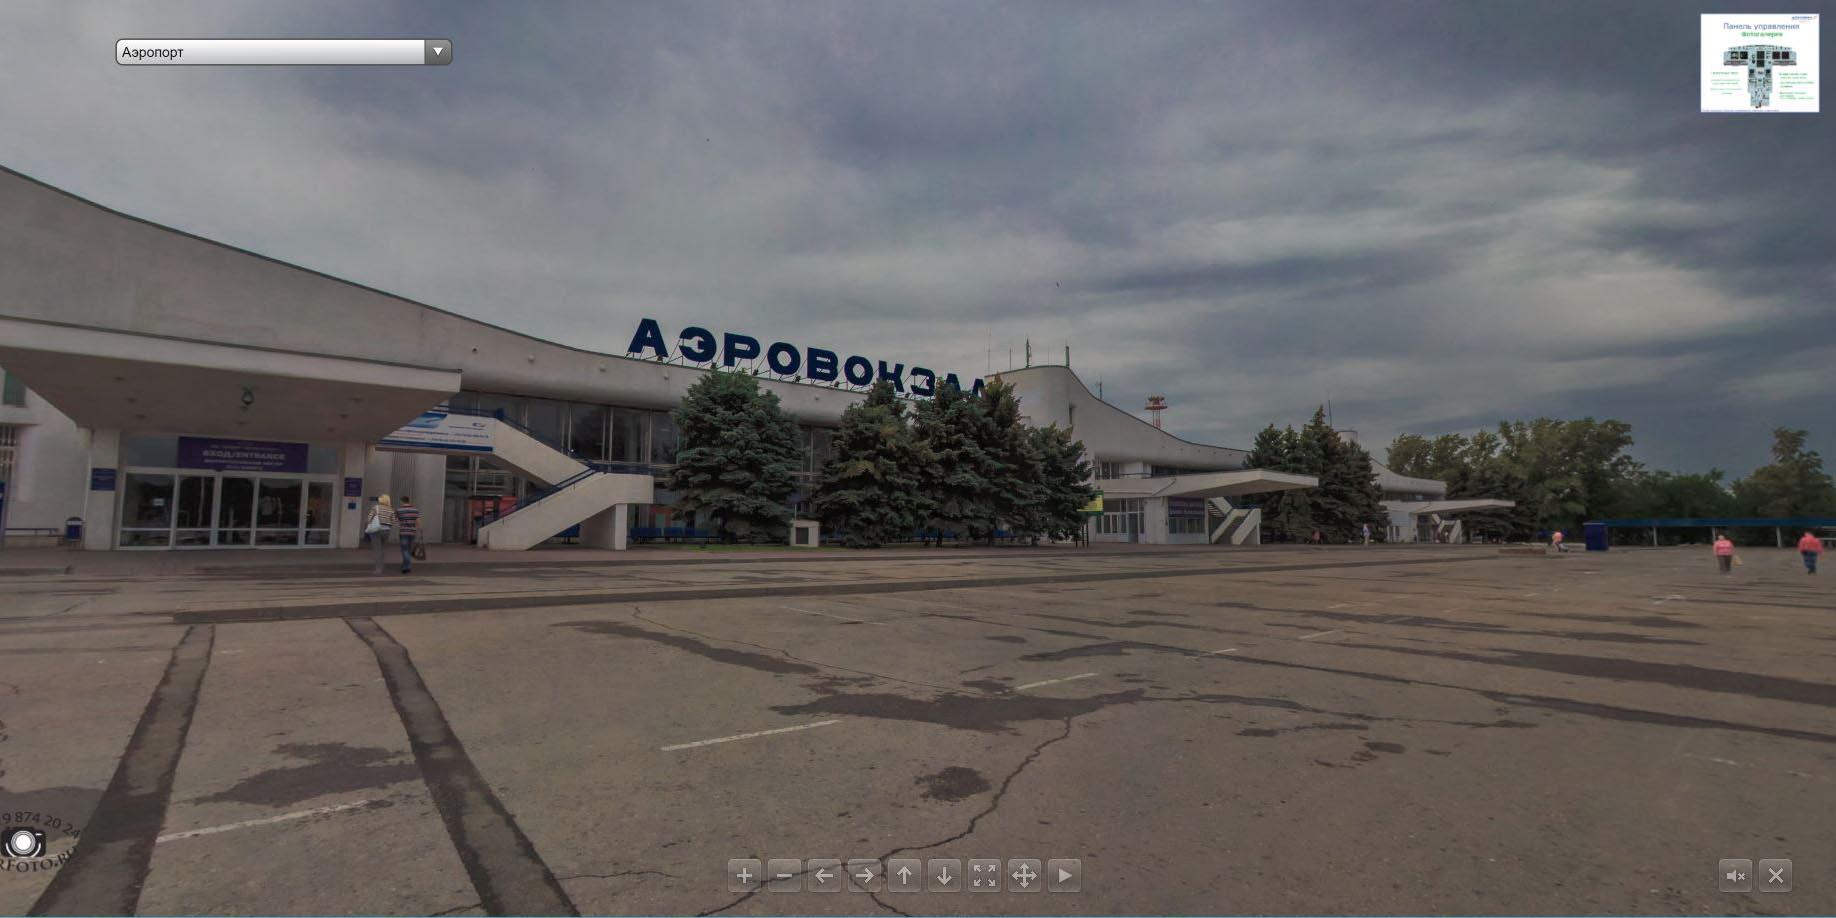 Донавиа, авиаперевозчик Ростов-на-Дону